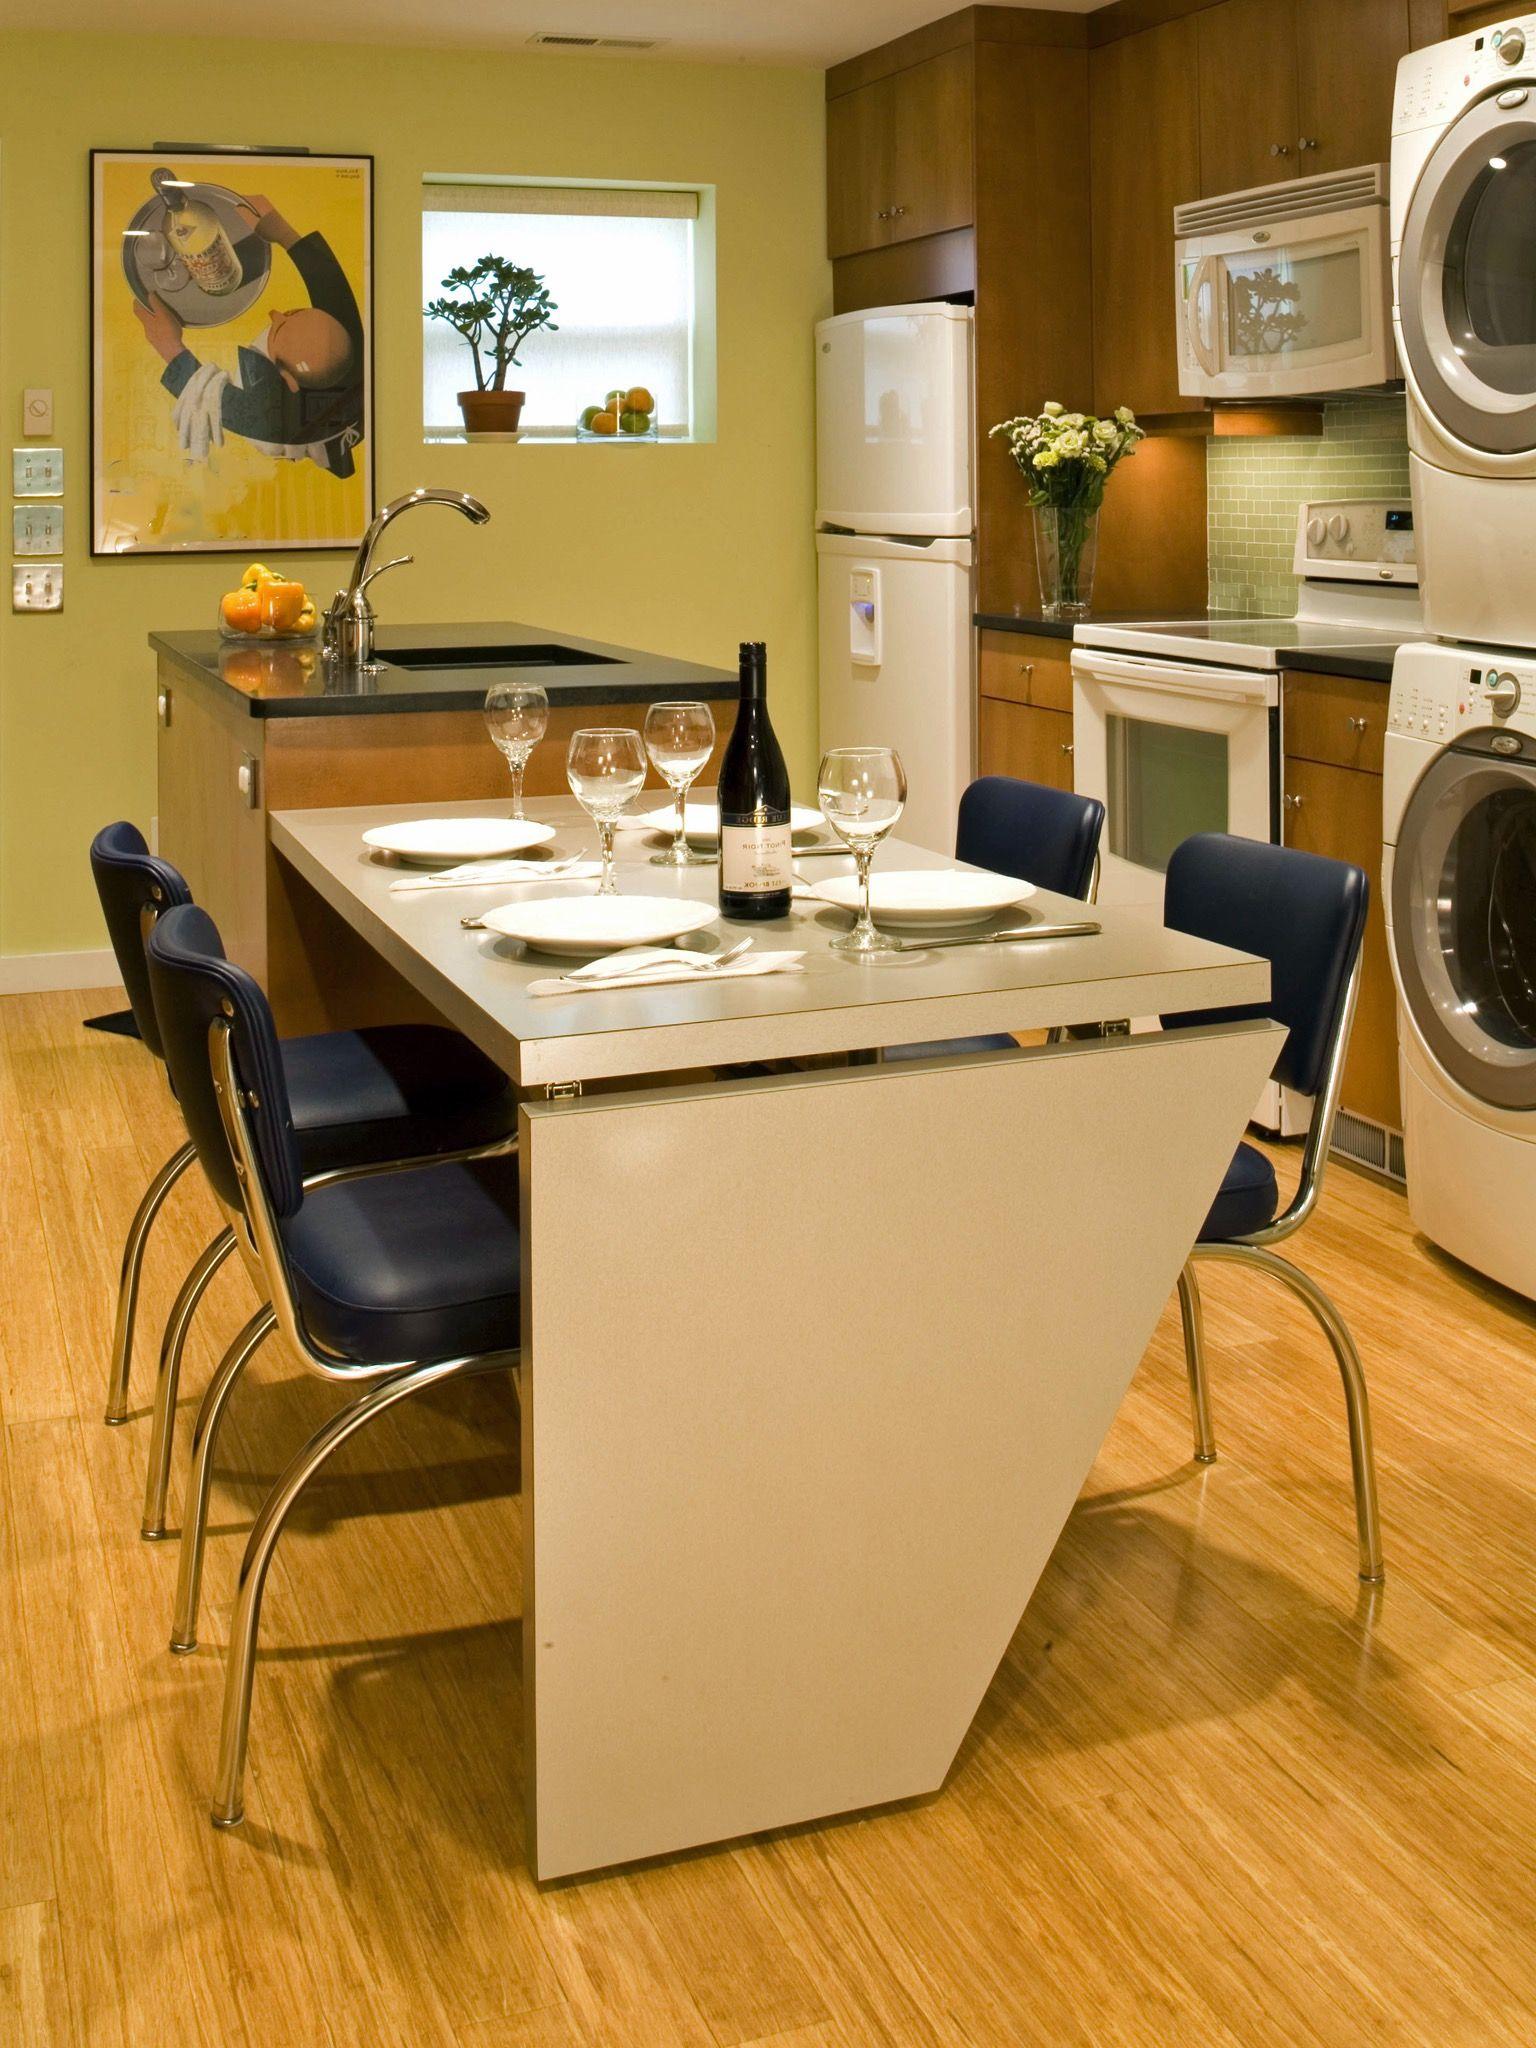 U küchendesignpläne kleinen raum lösung küche und waschküche combo küchen  küchen